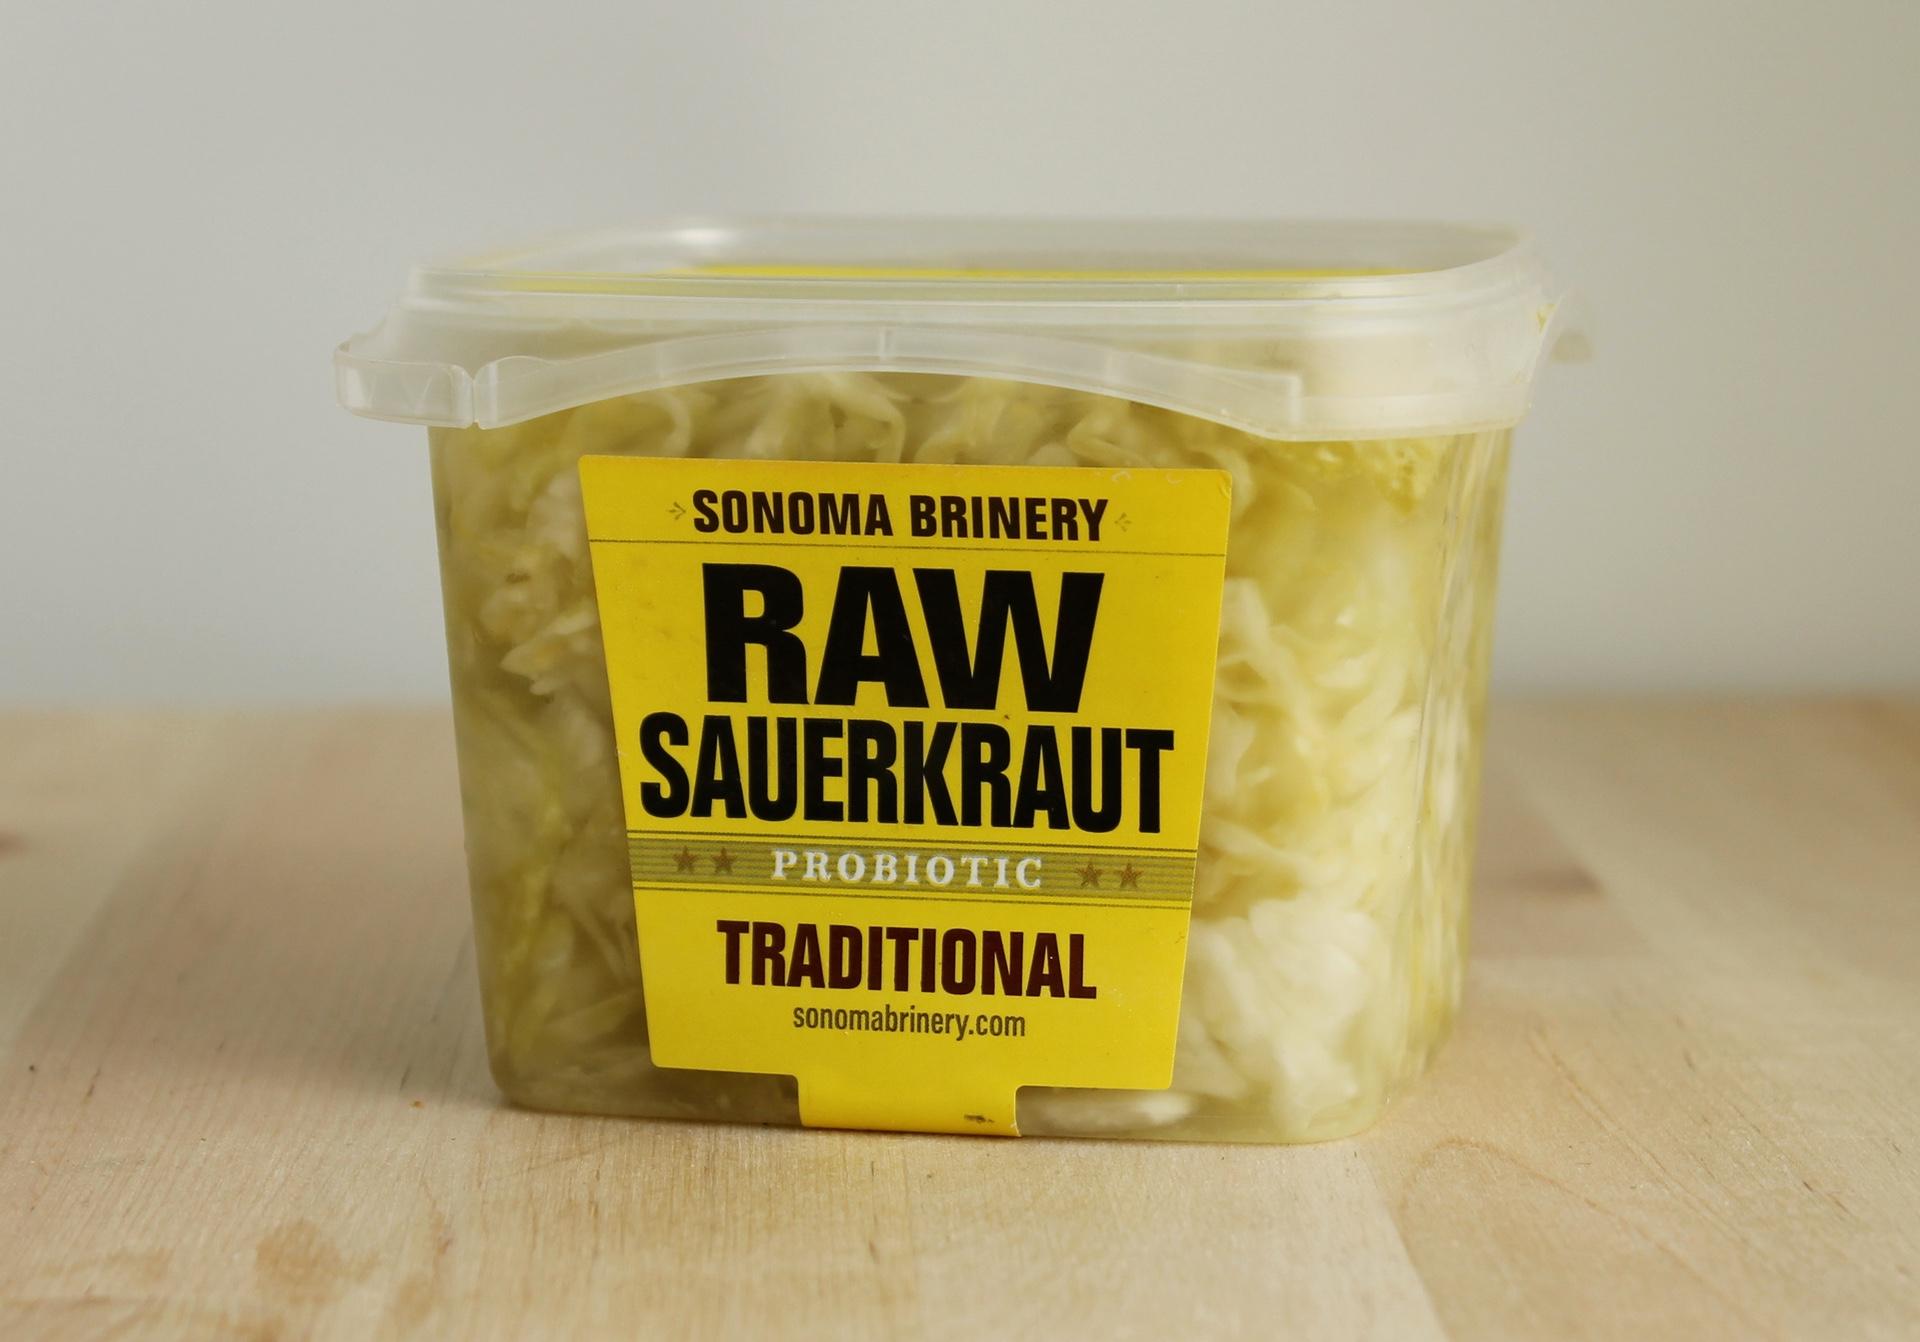 Sonoma Brinery sauerkraut.